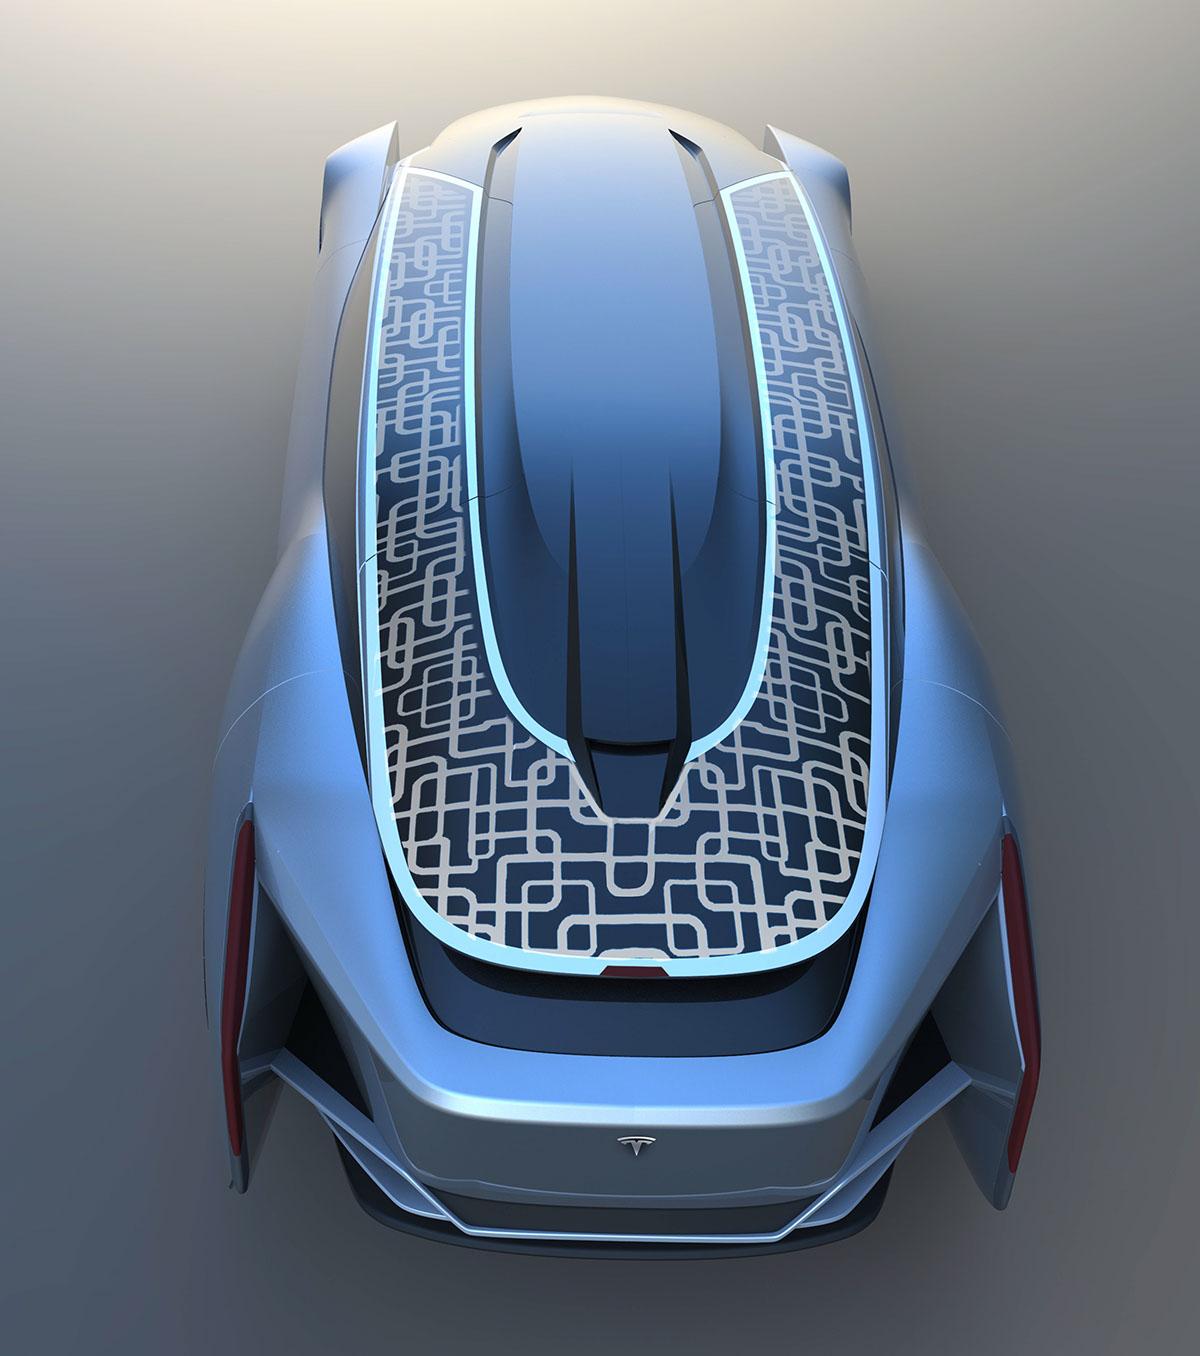 Tesla Motors Images Tesla Model S Larson Sketches: Tesla Motors Flagship Vehicle Model Z On Behance